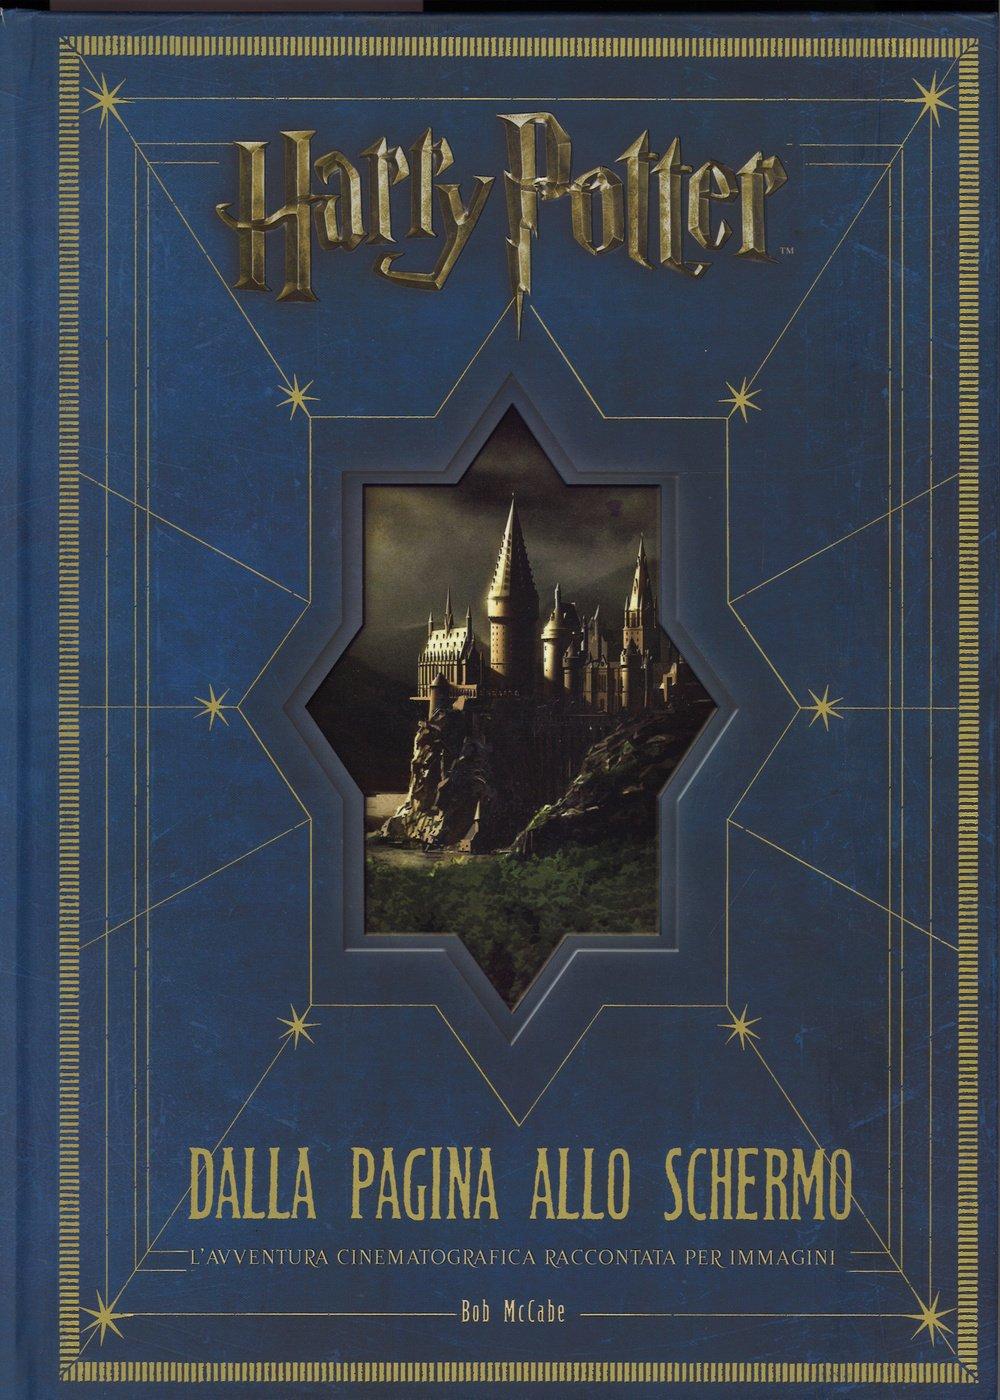 Harry Potter dalla pagina allo schermo